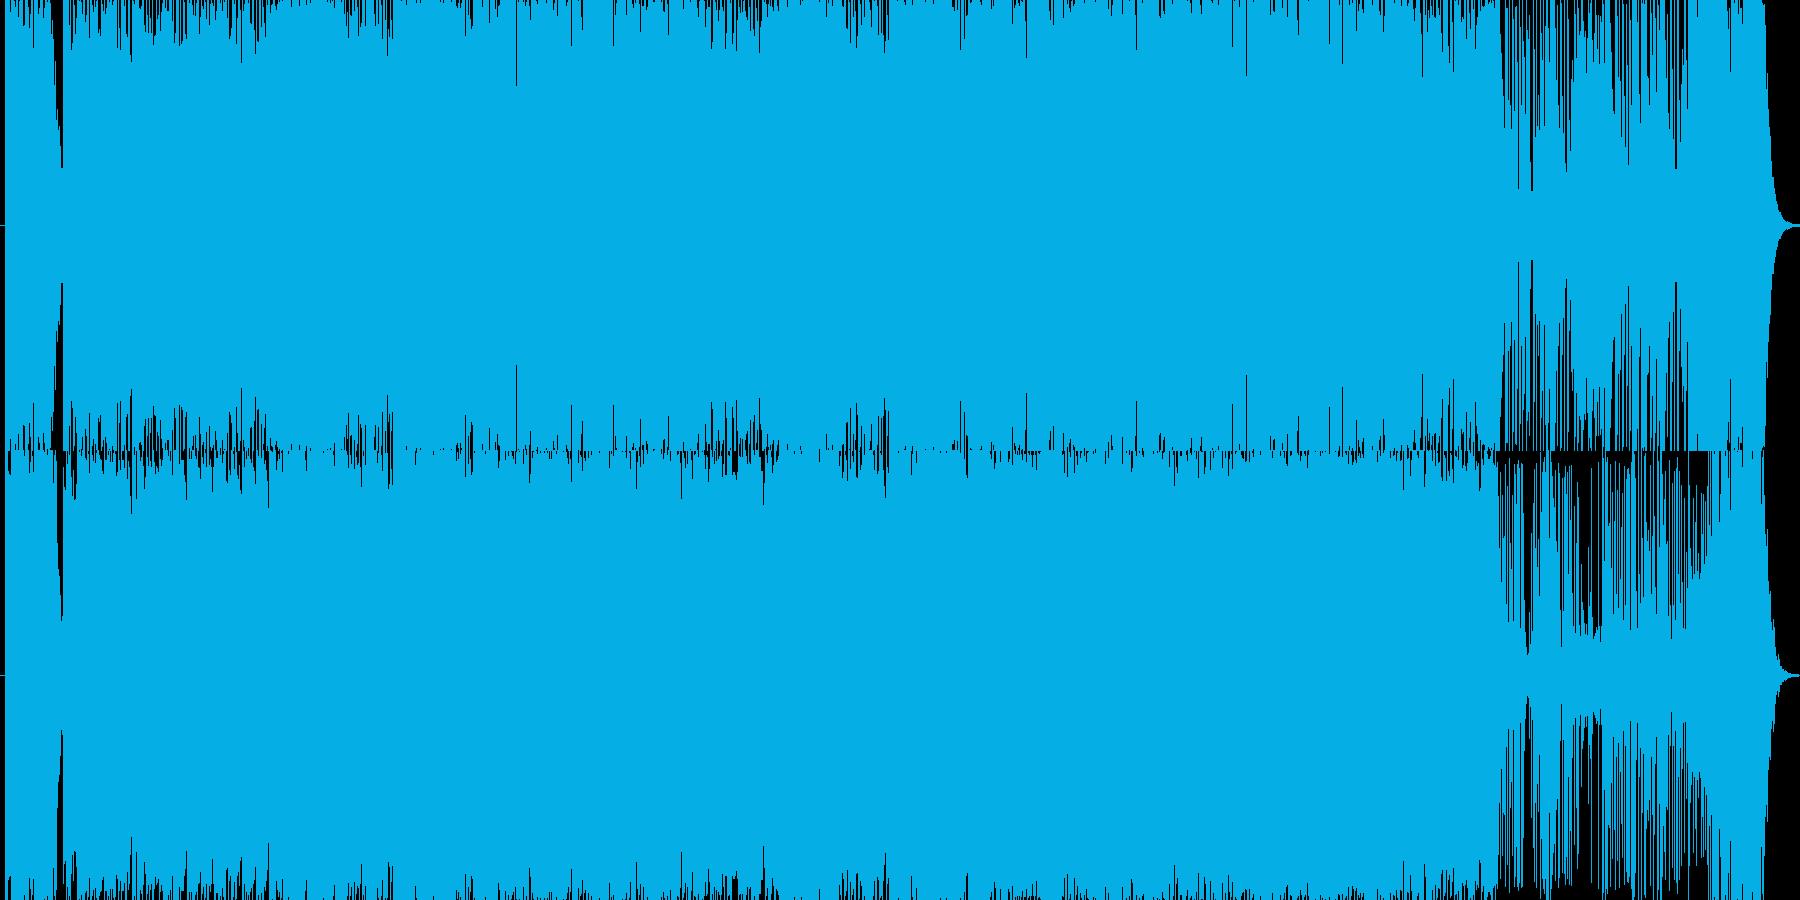 パズルゲームのようなポップな曲の再生済みの波形